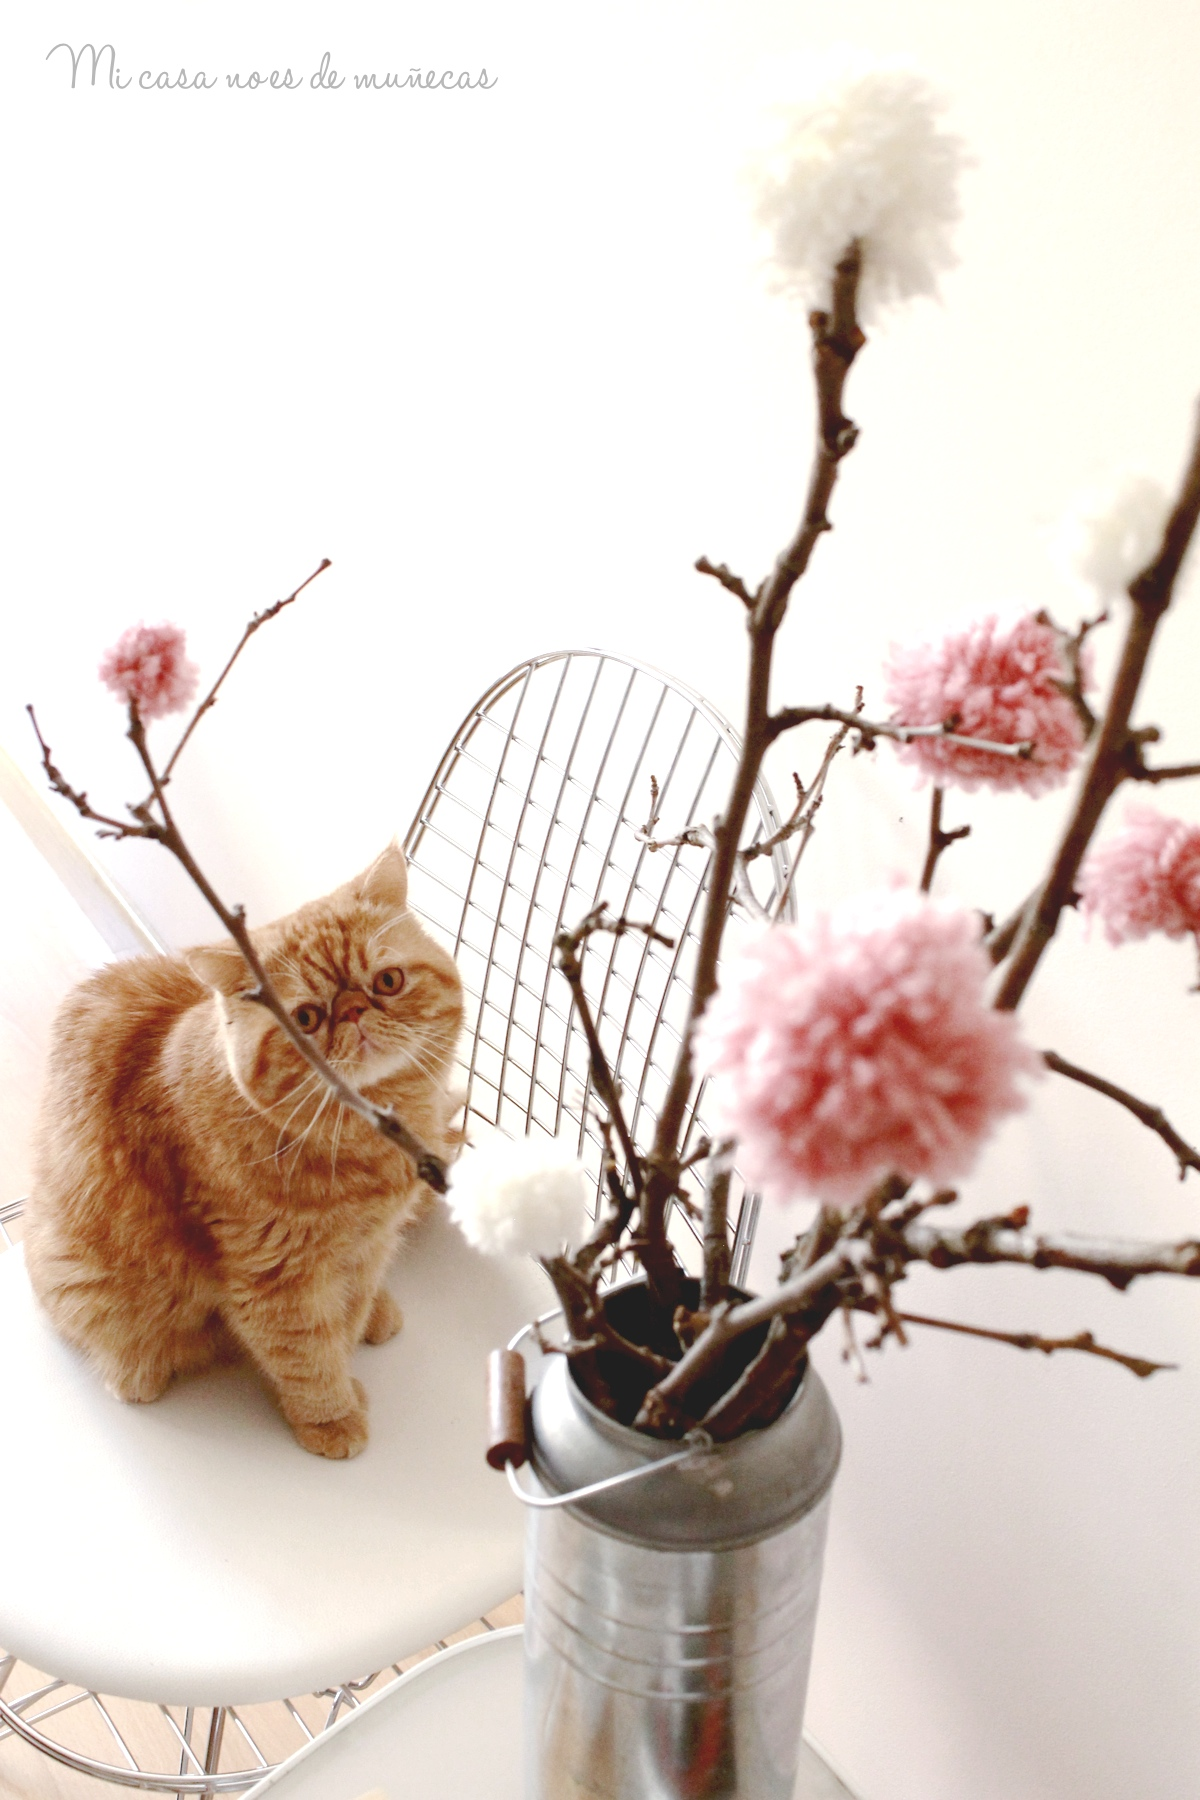 Arbol de ramas y pompones 07